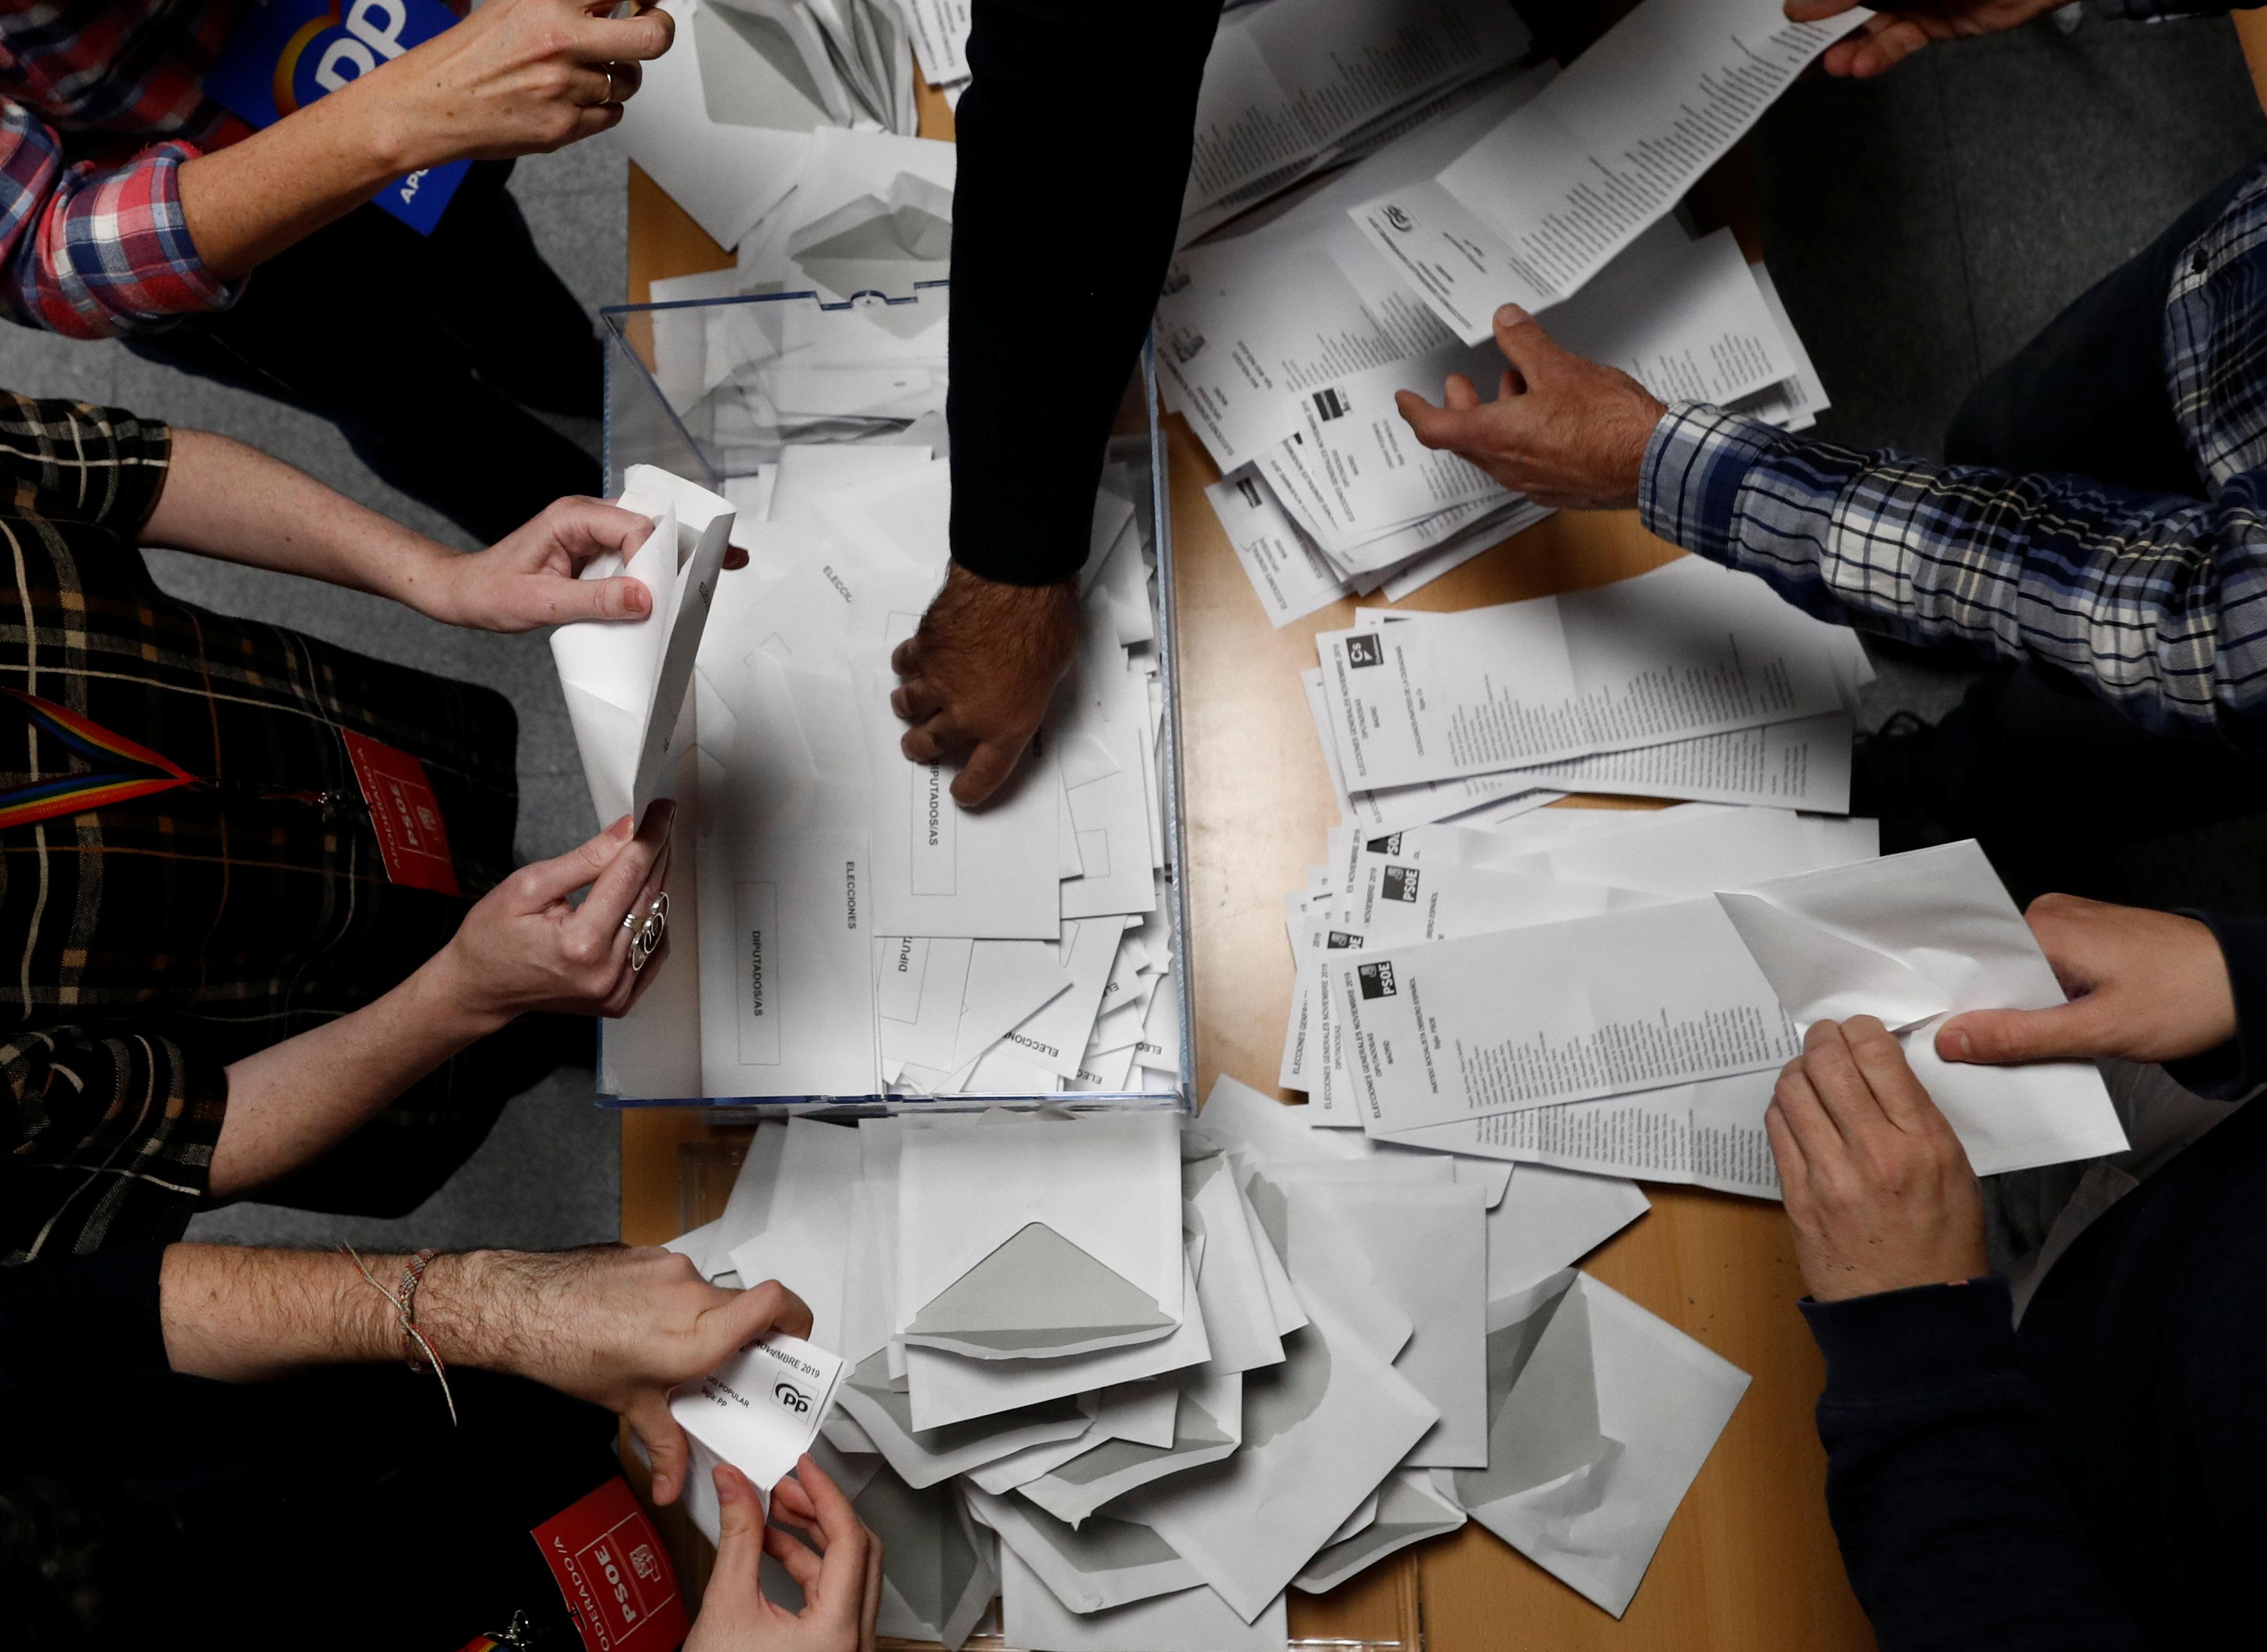 Espagne : Le parti d'extrême droite Vox remporte 52 sièges au Parlement